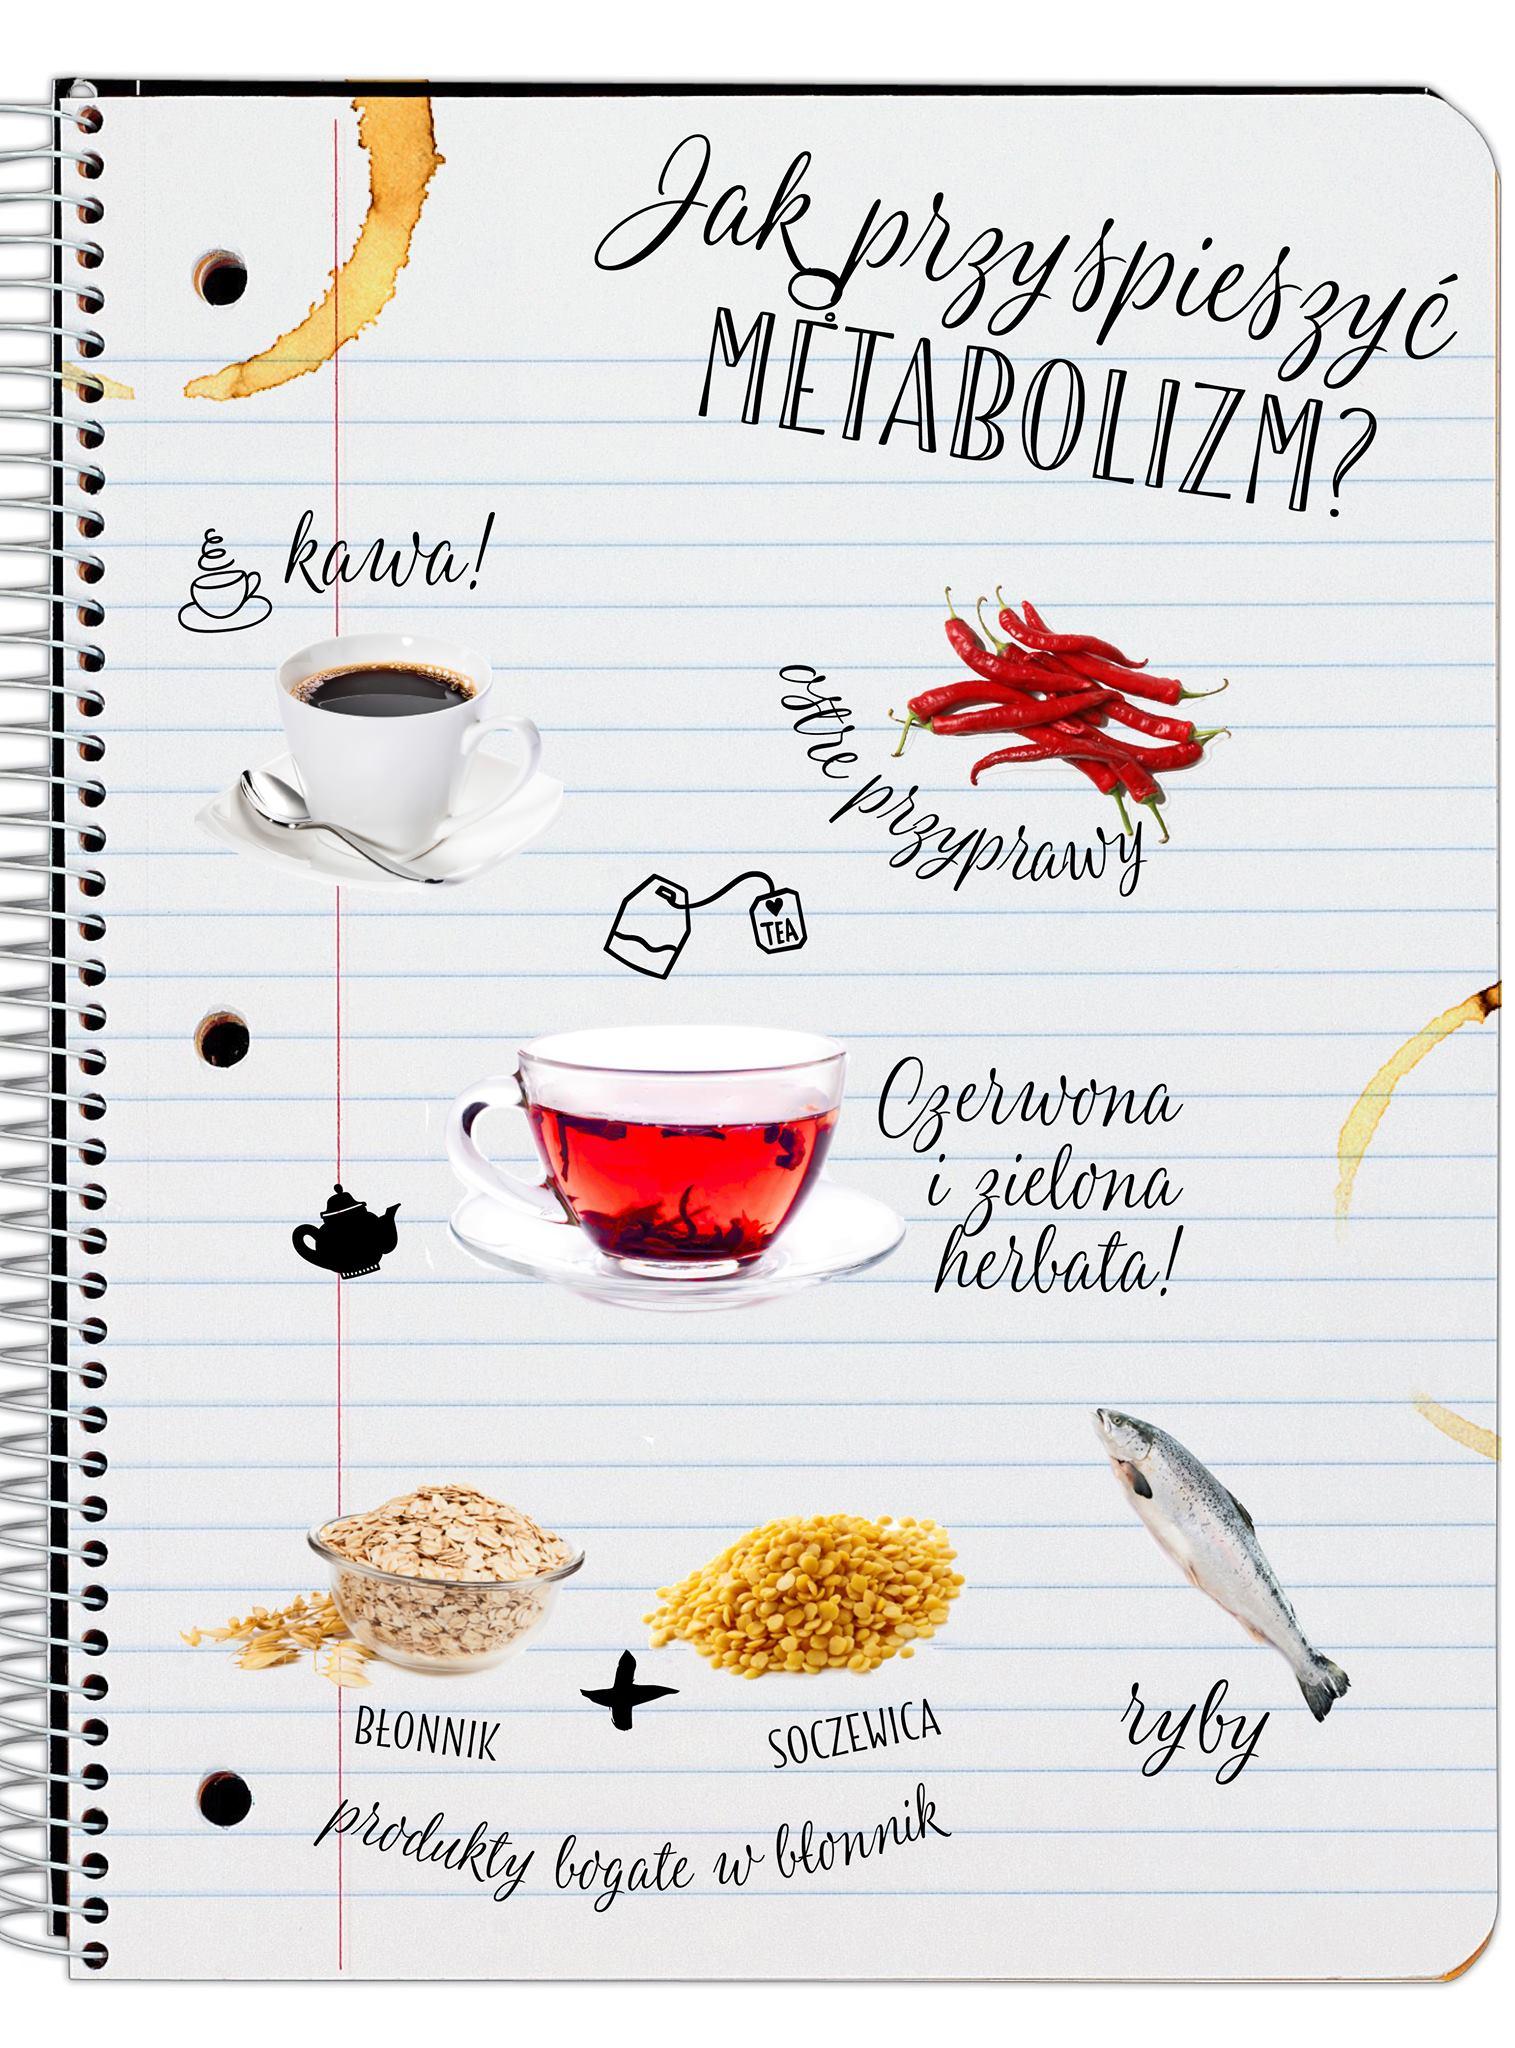 produkty, które przyspieszają metabolizm